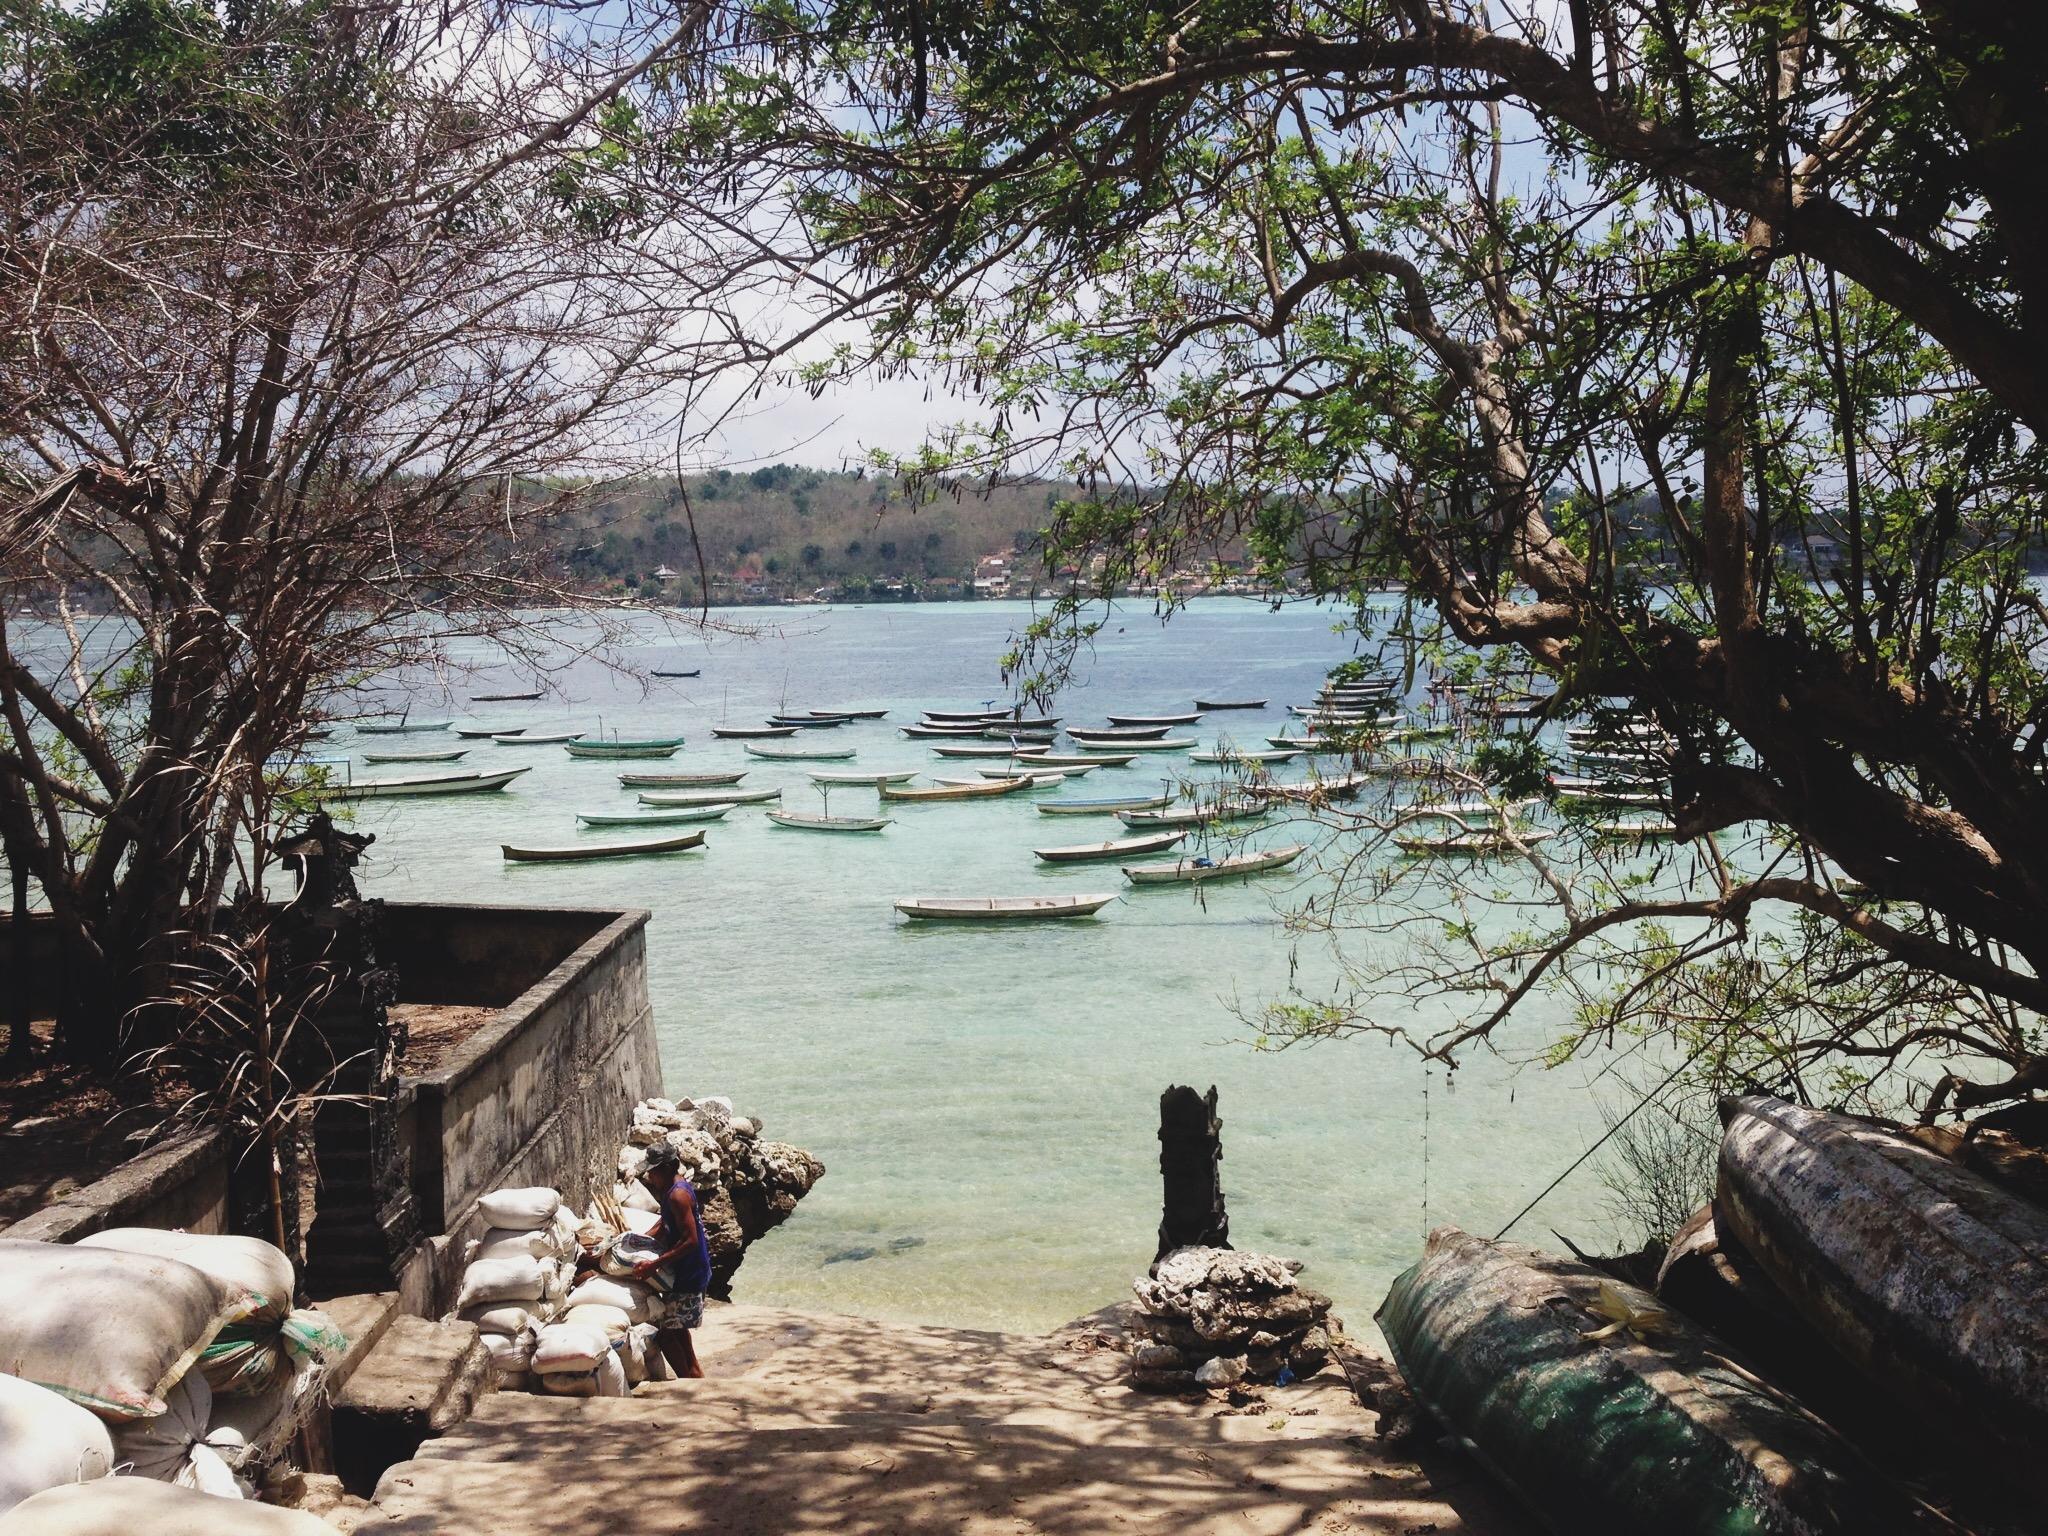 seaweed-farms-lembongan-village.jpg